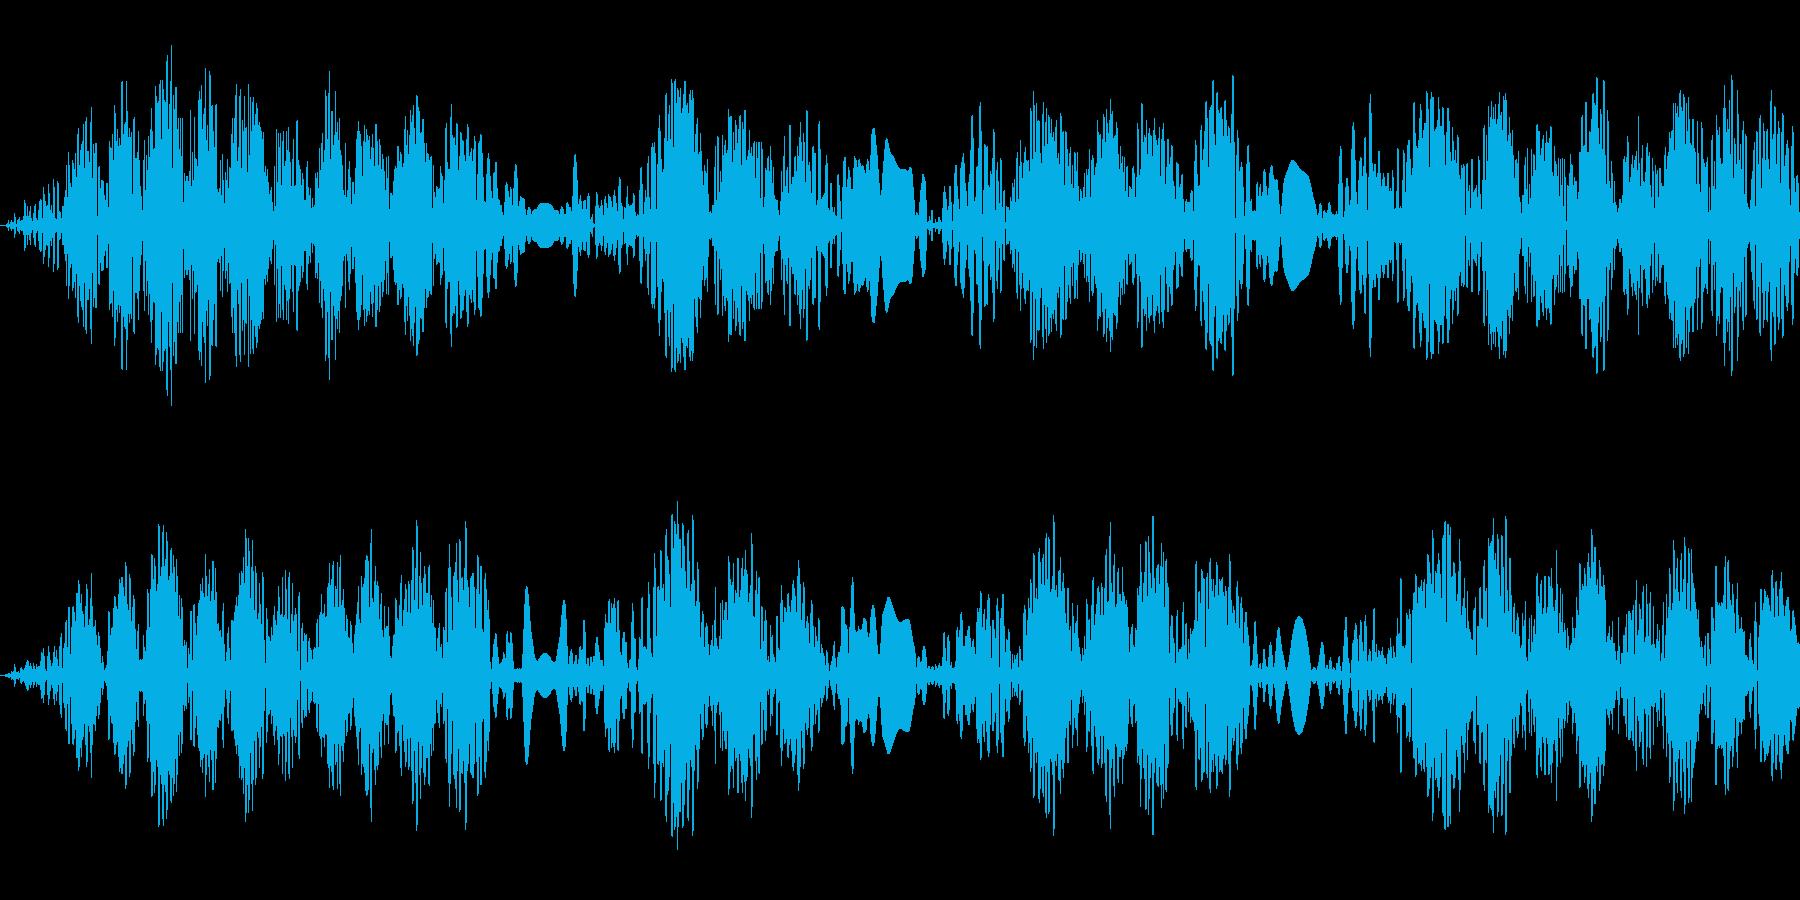 キュパキュパ(レコードスクラッチの音)の再生済みの波形